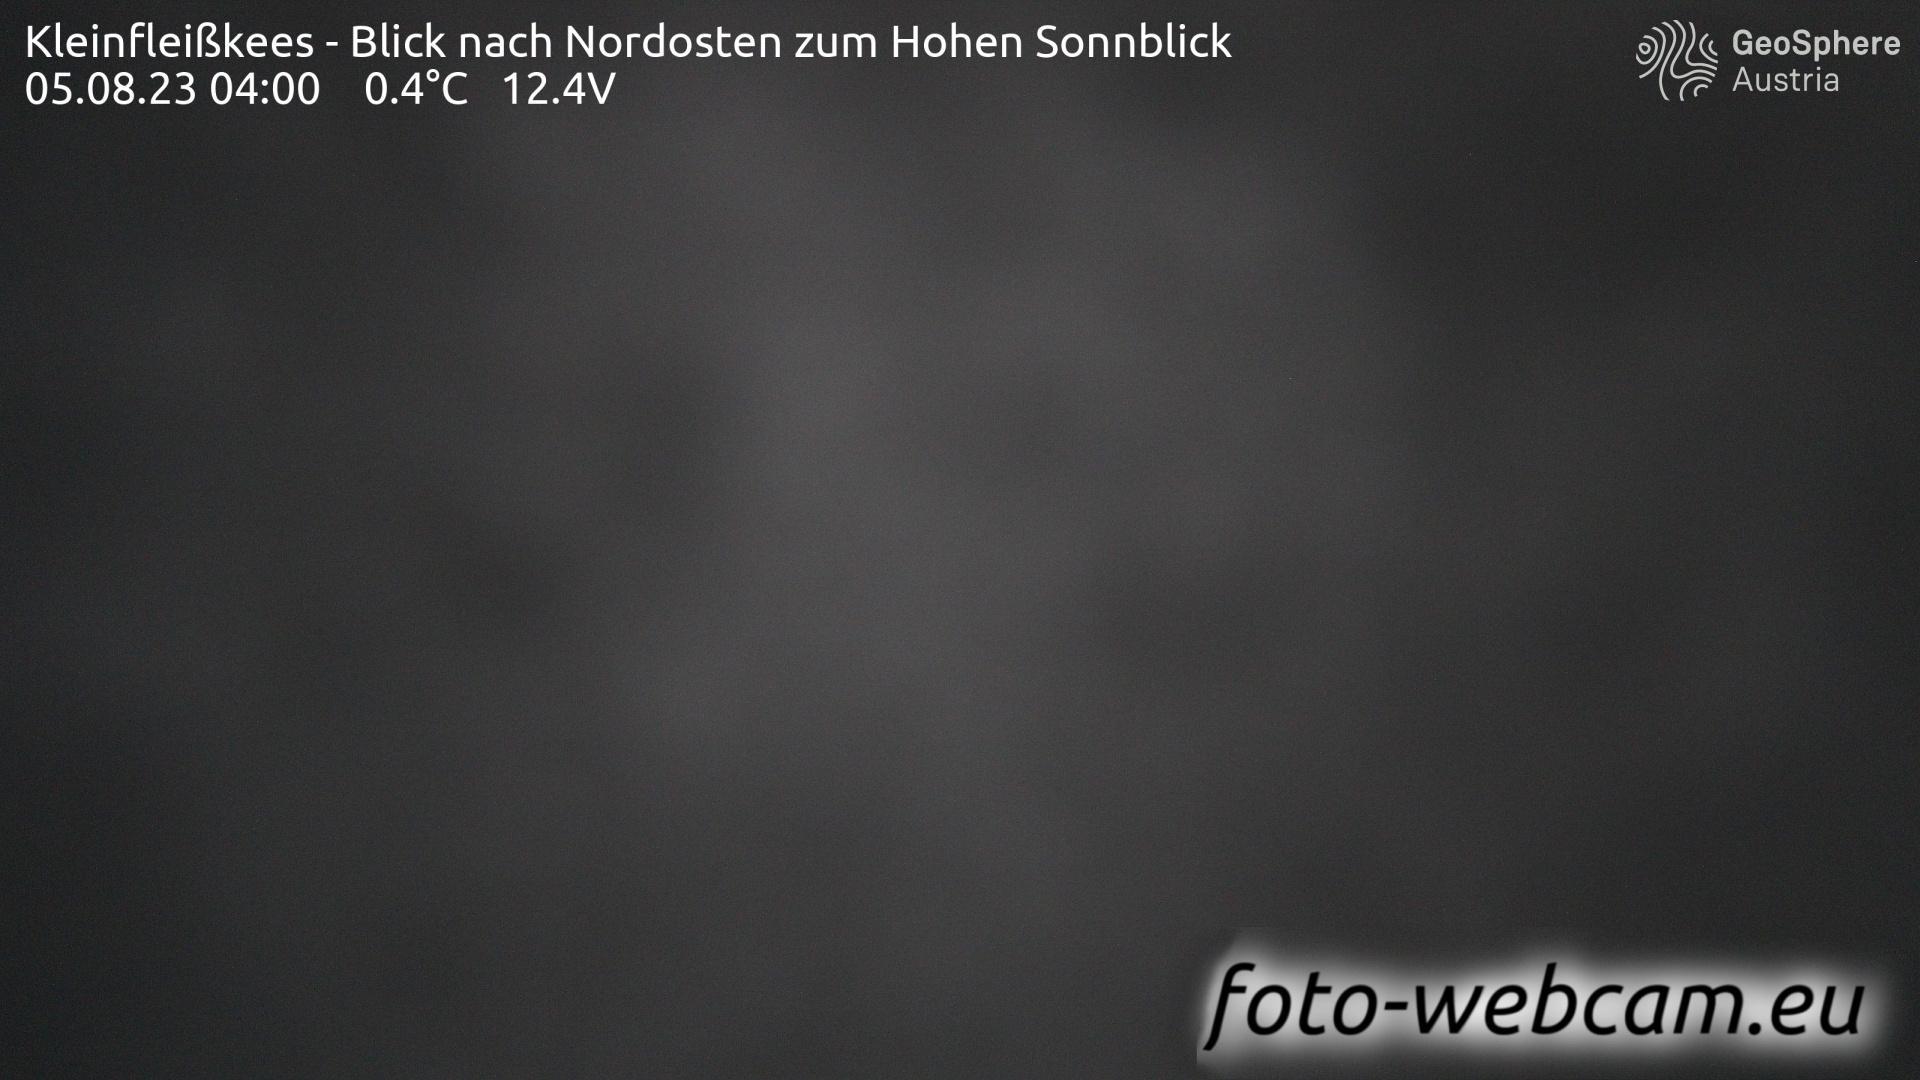 Webcam Schachnern: Kleinfleißkees − Blick nach Nordosten